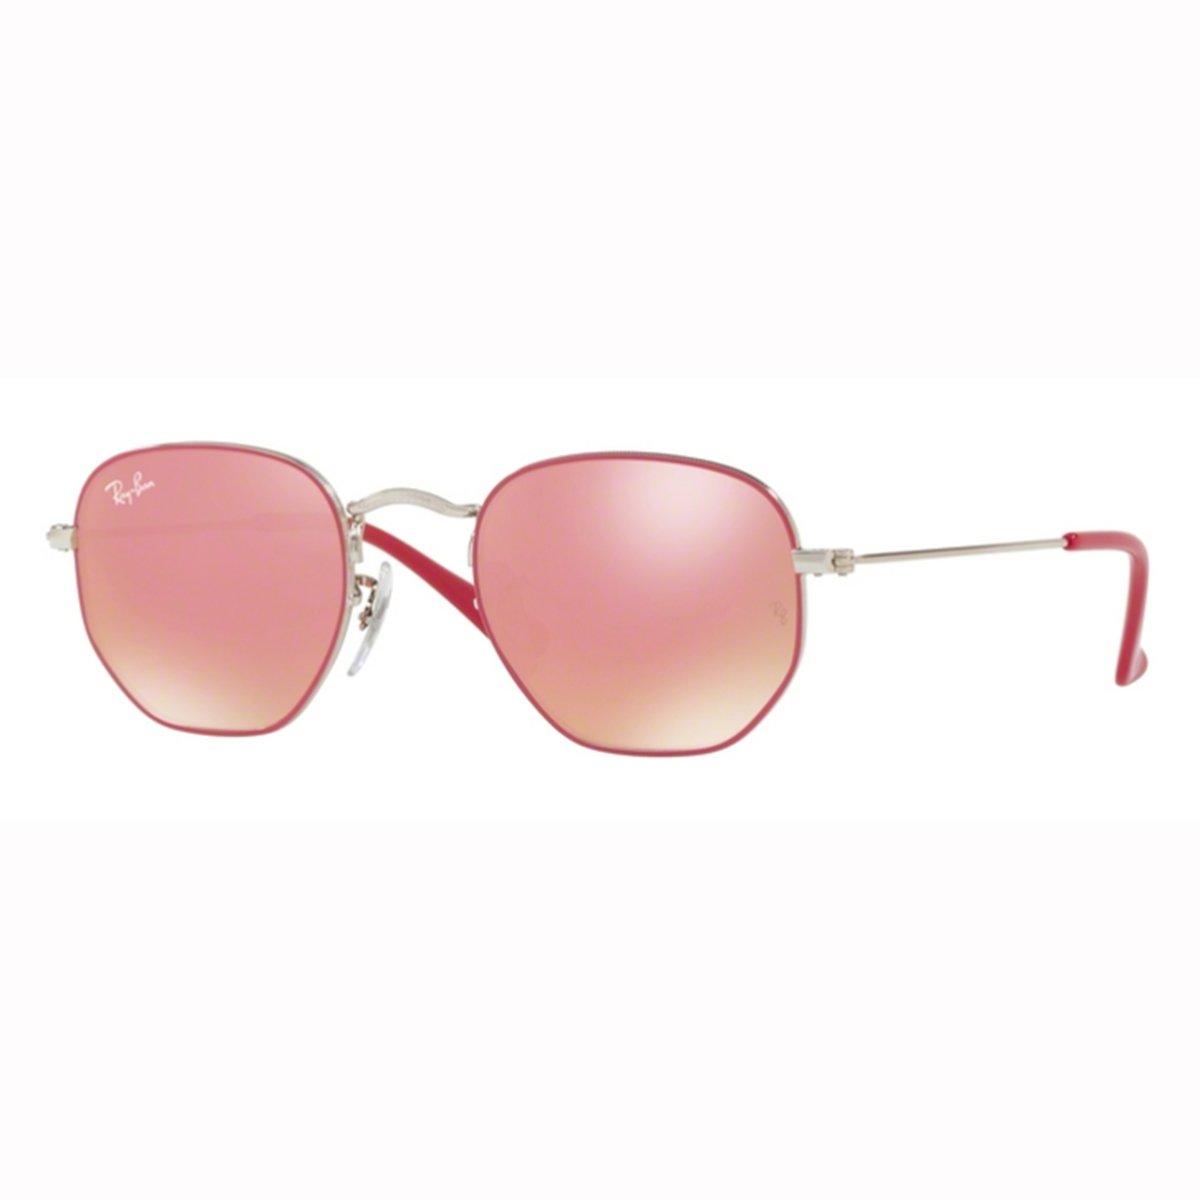 Compre Óculos de Sol Ray Ban Hexagonal Infantil em 10X   Tri-Jóia Shop 6cf5dca248